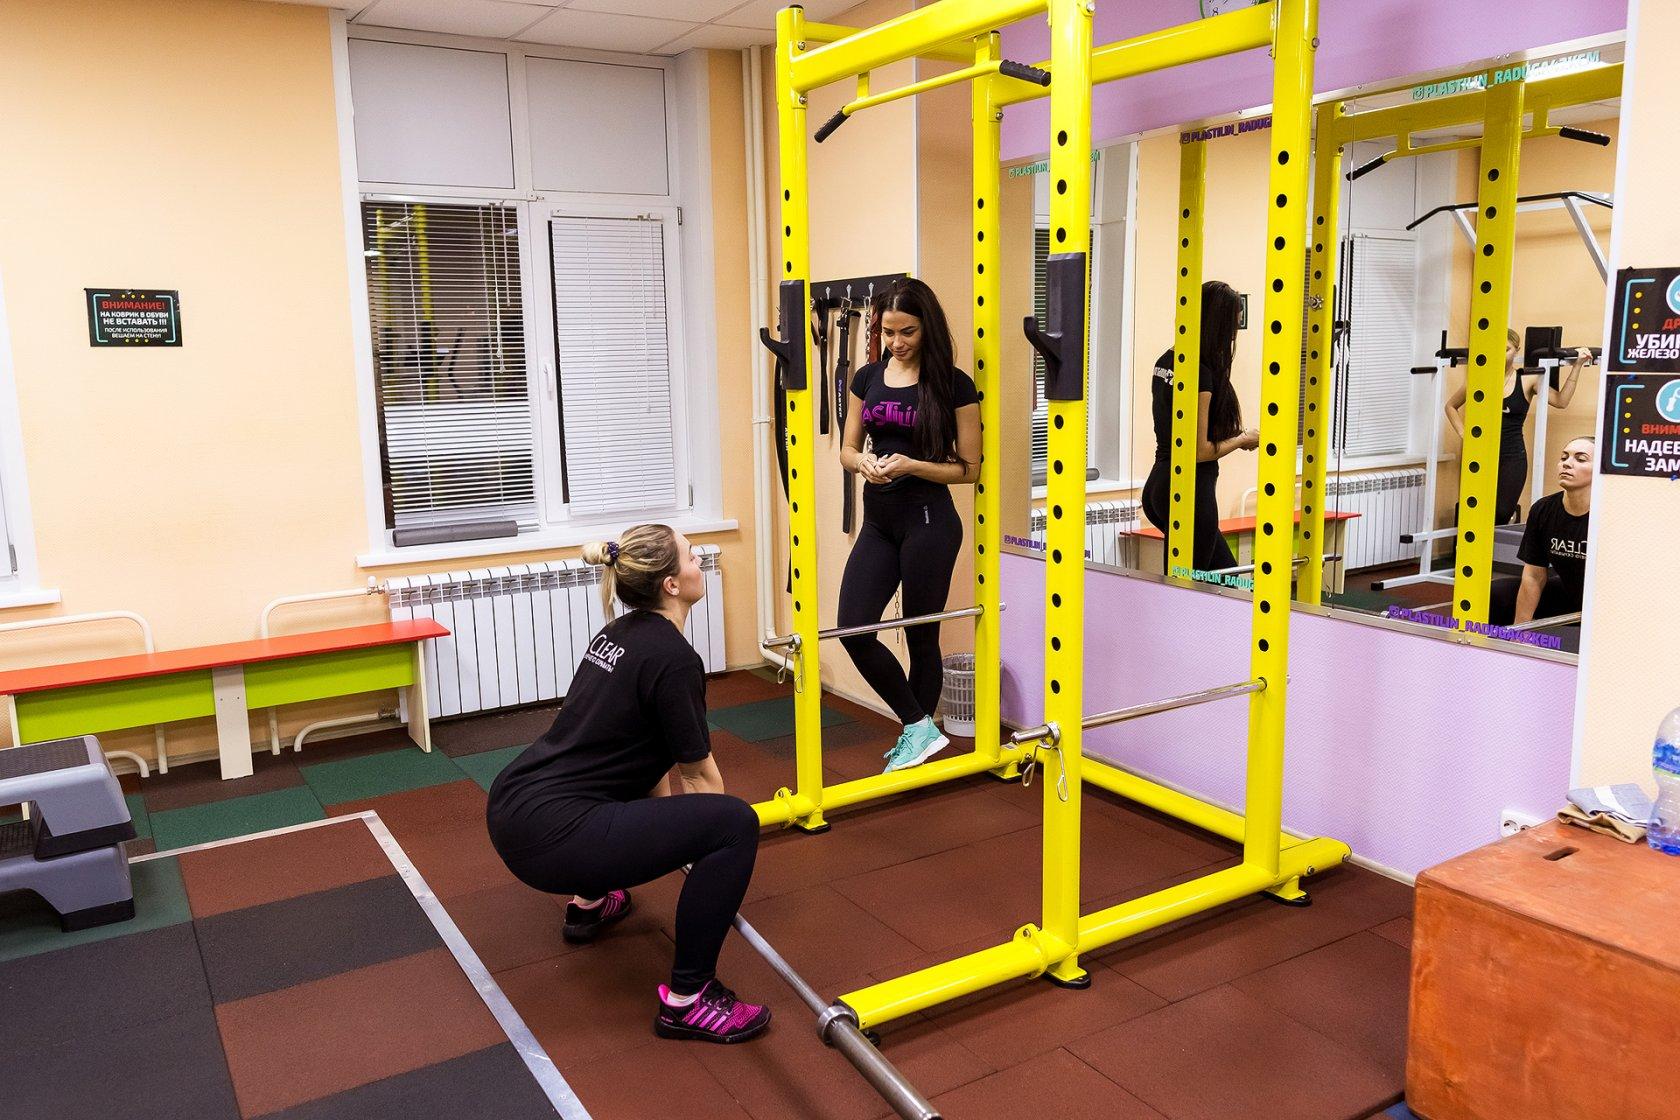 Работа в фитнес клубах для девушек работа на заводе для девушек спб